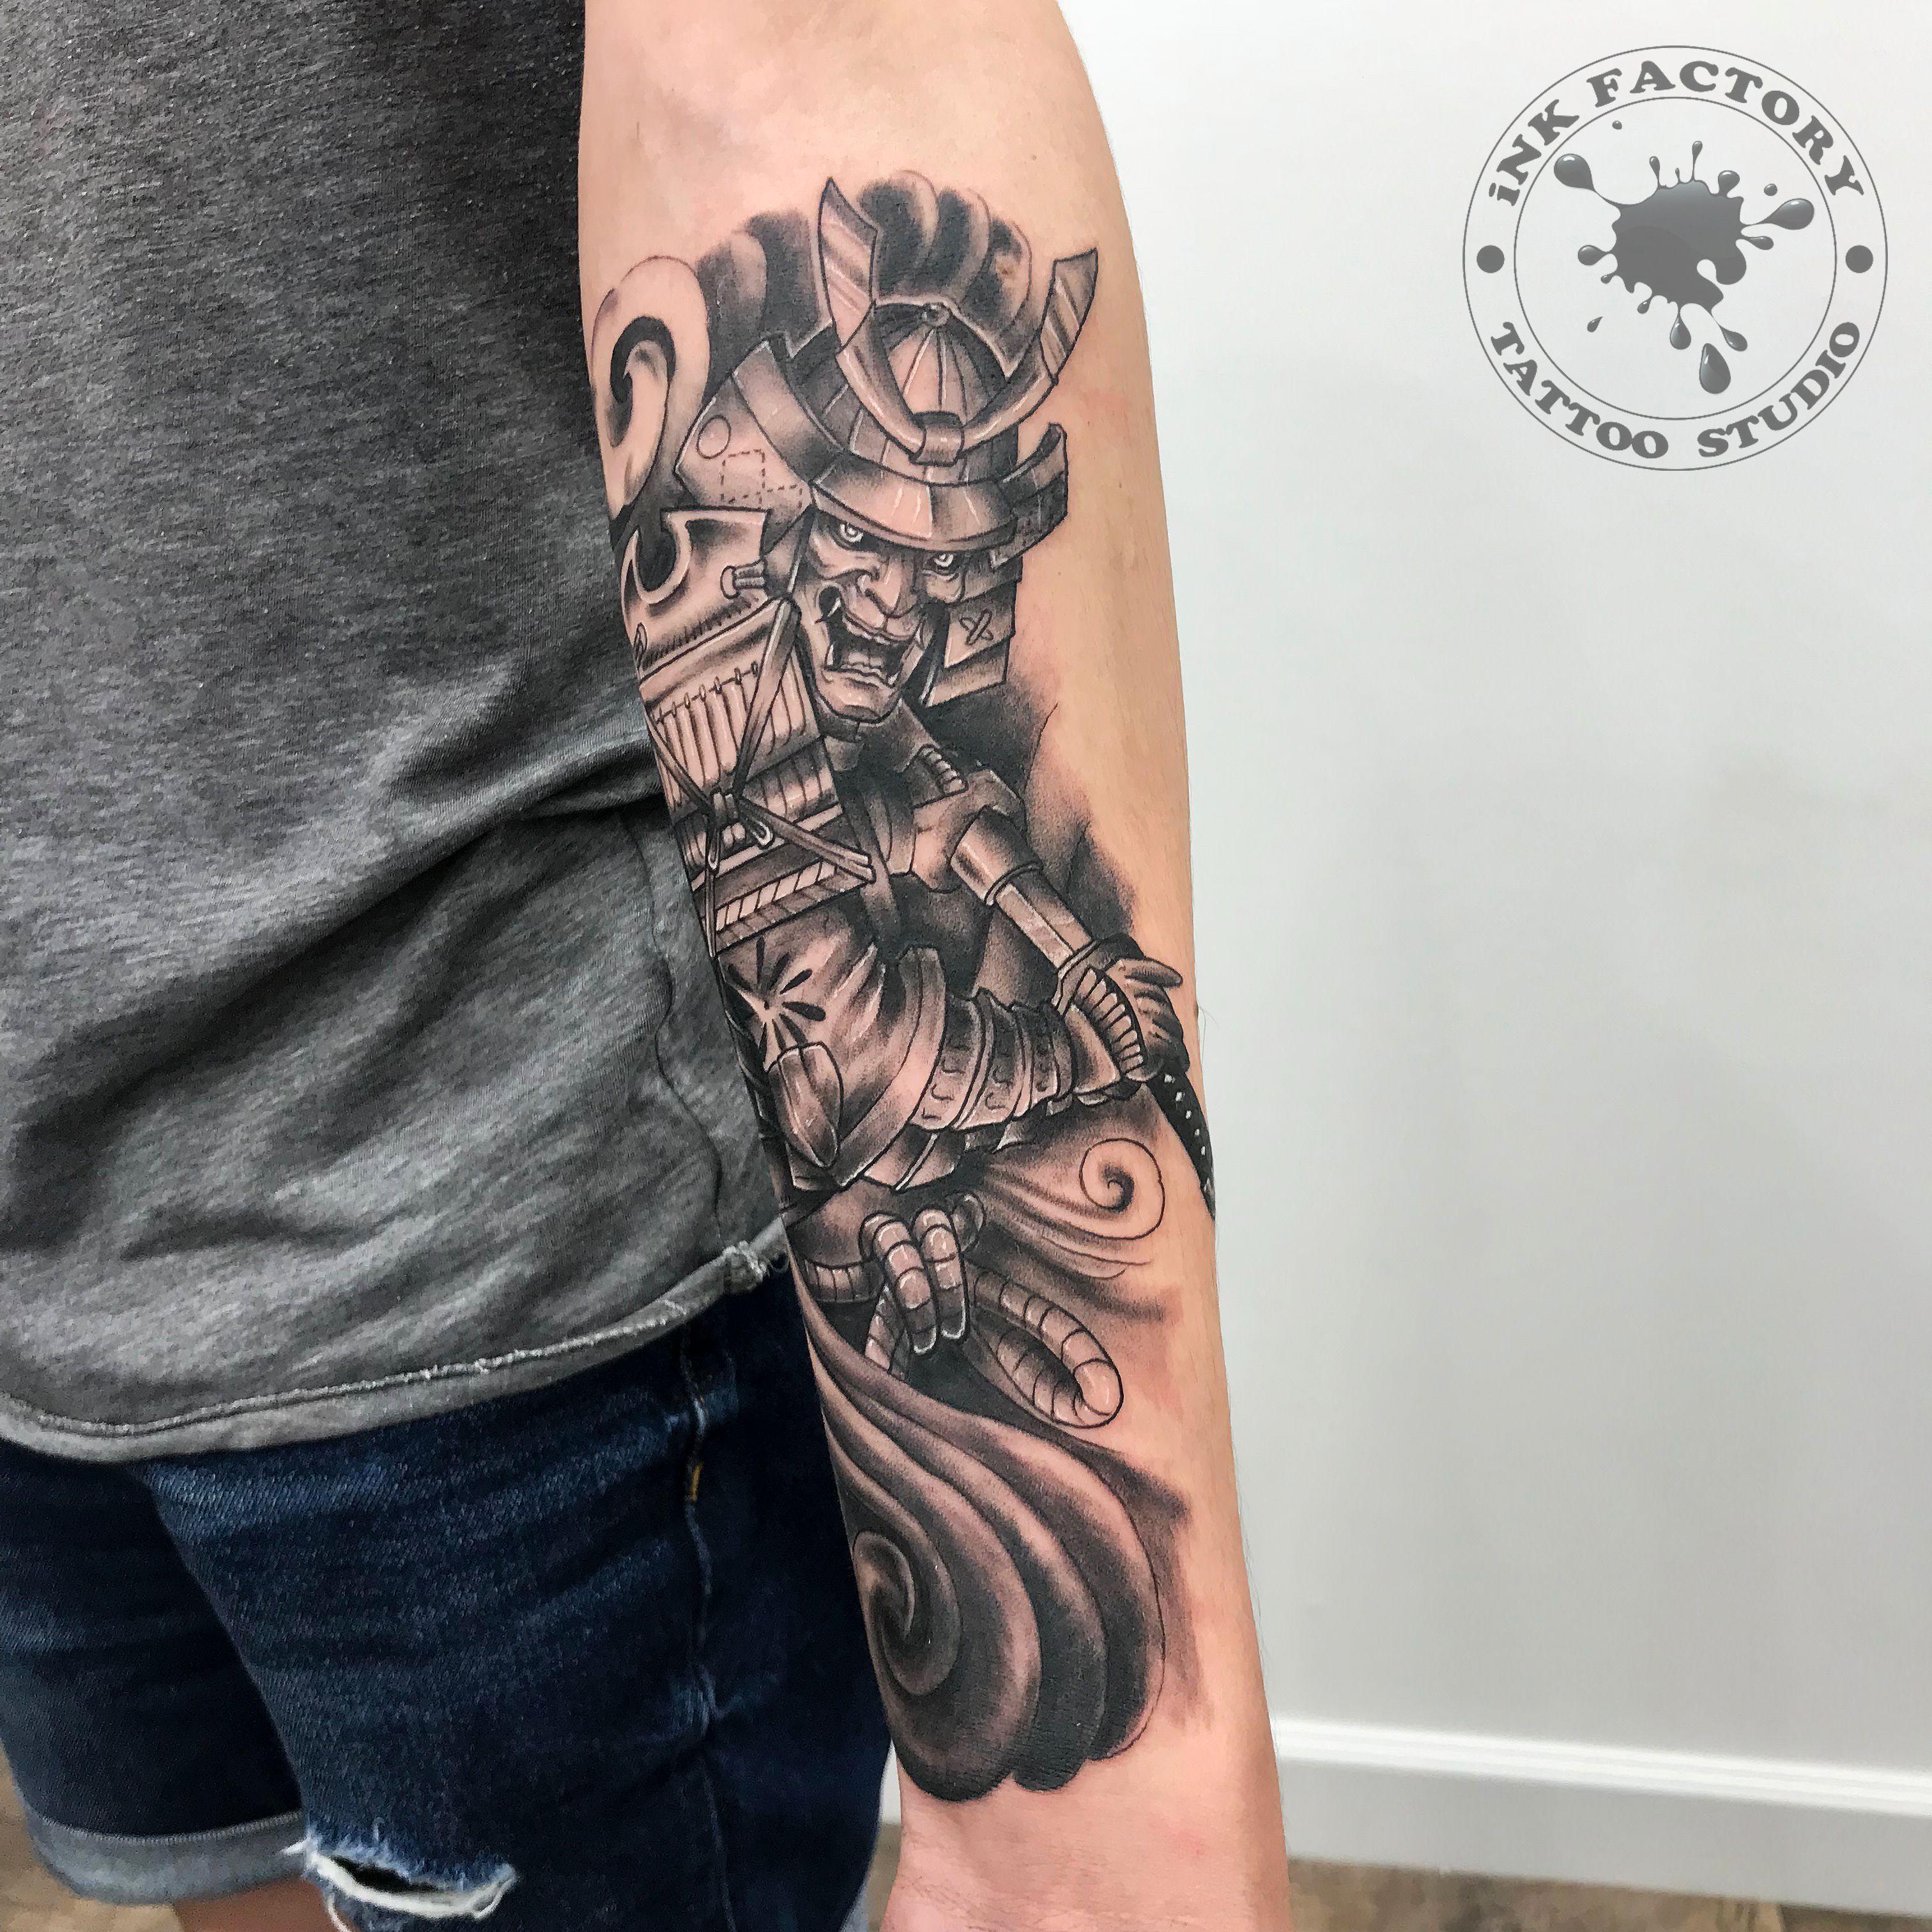 фото тату Простой тату в японском стиле 875